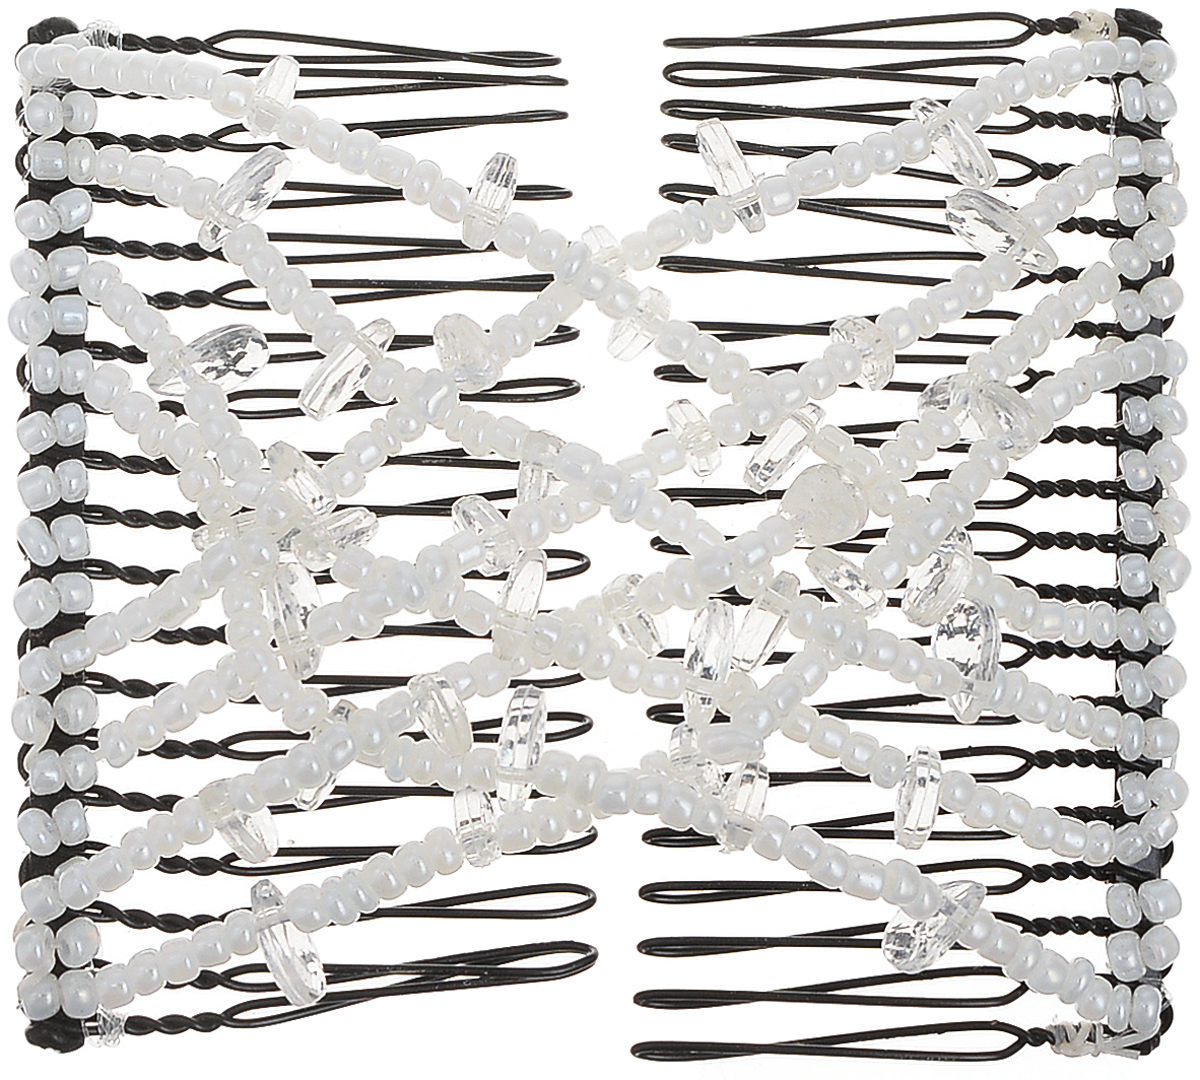 EZ-Combs Заколка Изи-Комбс, одинарная, цвет: прозрачный. ЗИО_кристаллыЗИО_прозрачный/кристаллыУдобная и практичная EZ-Combs подходит для любого типа волос: тонких, жестких, вьющихся или прямых, и не наносит им никакого вреда. Заколка не мешает движениям головы и не создает дискомфорта, когда вы отдыхаете или управляете автомобилем. Каждый гребень имеет по 20 зубьев для надежной фиксации заколки на волосах! И даже во время бега и интенсивных тренировок в спортзале EZ-Combs не падает; она прочно фиксирует прическу, сохраняя укладку в первозданном виде.Небольшая и легкая заколка для волос EZ-Combs поместится в любой дамской сумочке, позволяя быстро и без особых усилий создавать неповторимые прически там, где вам это удобно. Гребень прекрасно сочетается с любой одеждой: будь это классический или спортивный стиль, завершая гармоничный облик современной леди. И неважно, какой образ жизни вы ведете, если у вас есть EZ-Combs, вы всегда будете выглядеть потрясающе.